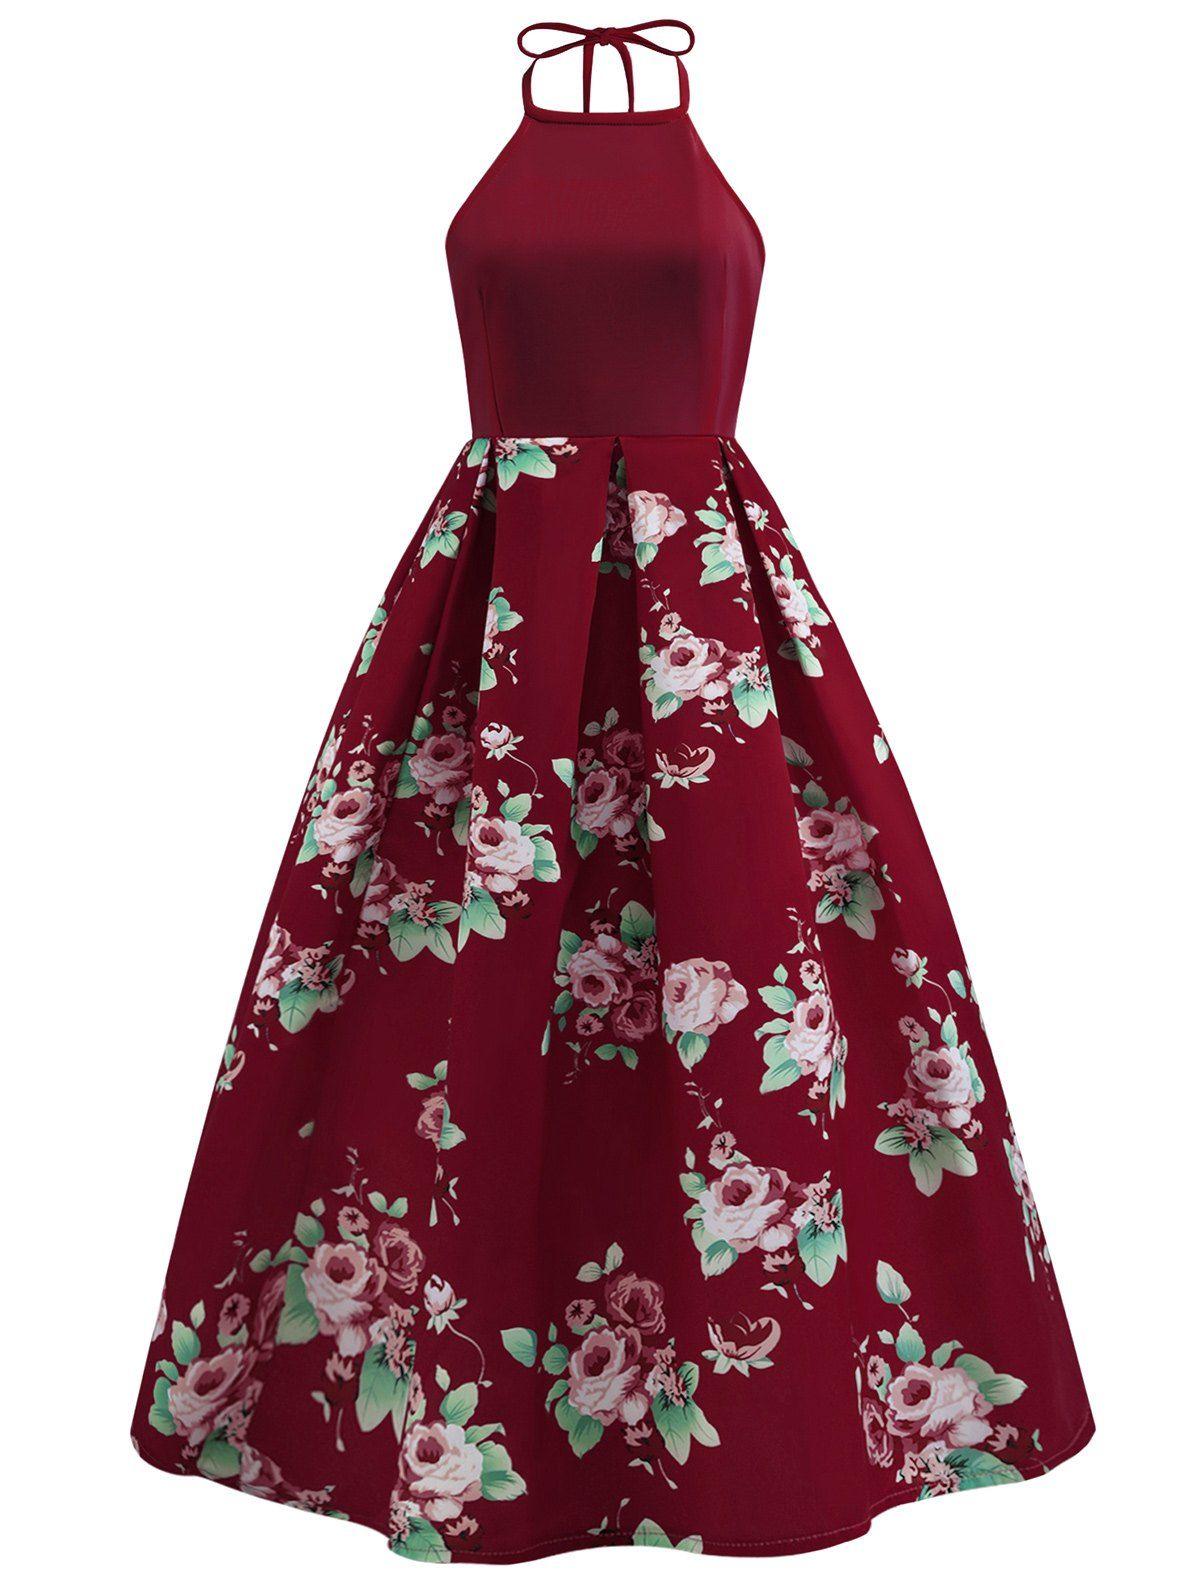 Vintage back cutout halter floral dress vintage dresses floral